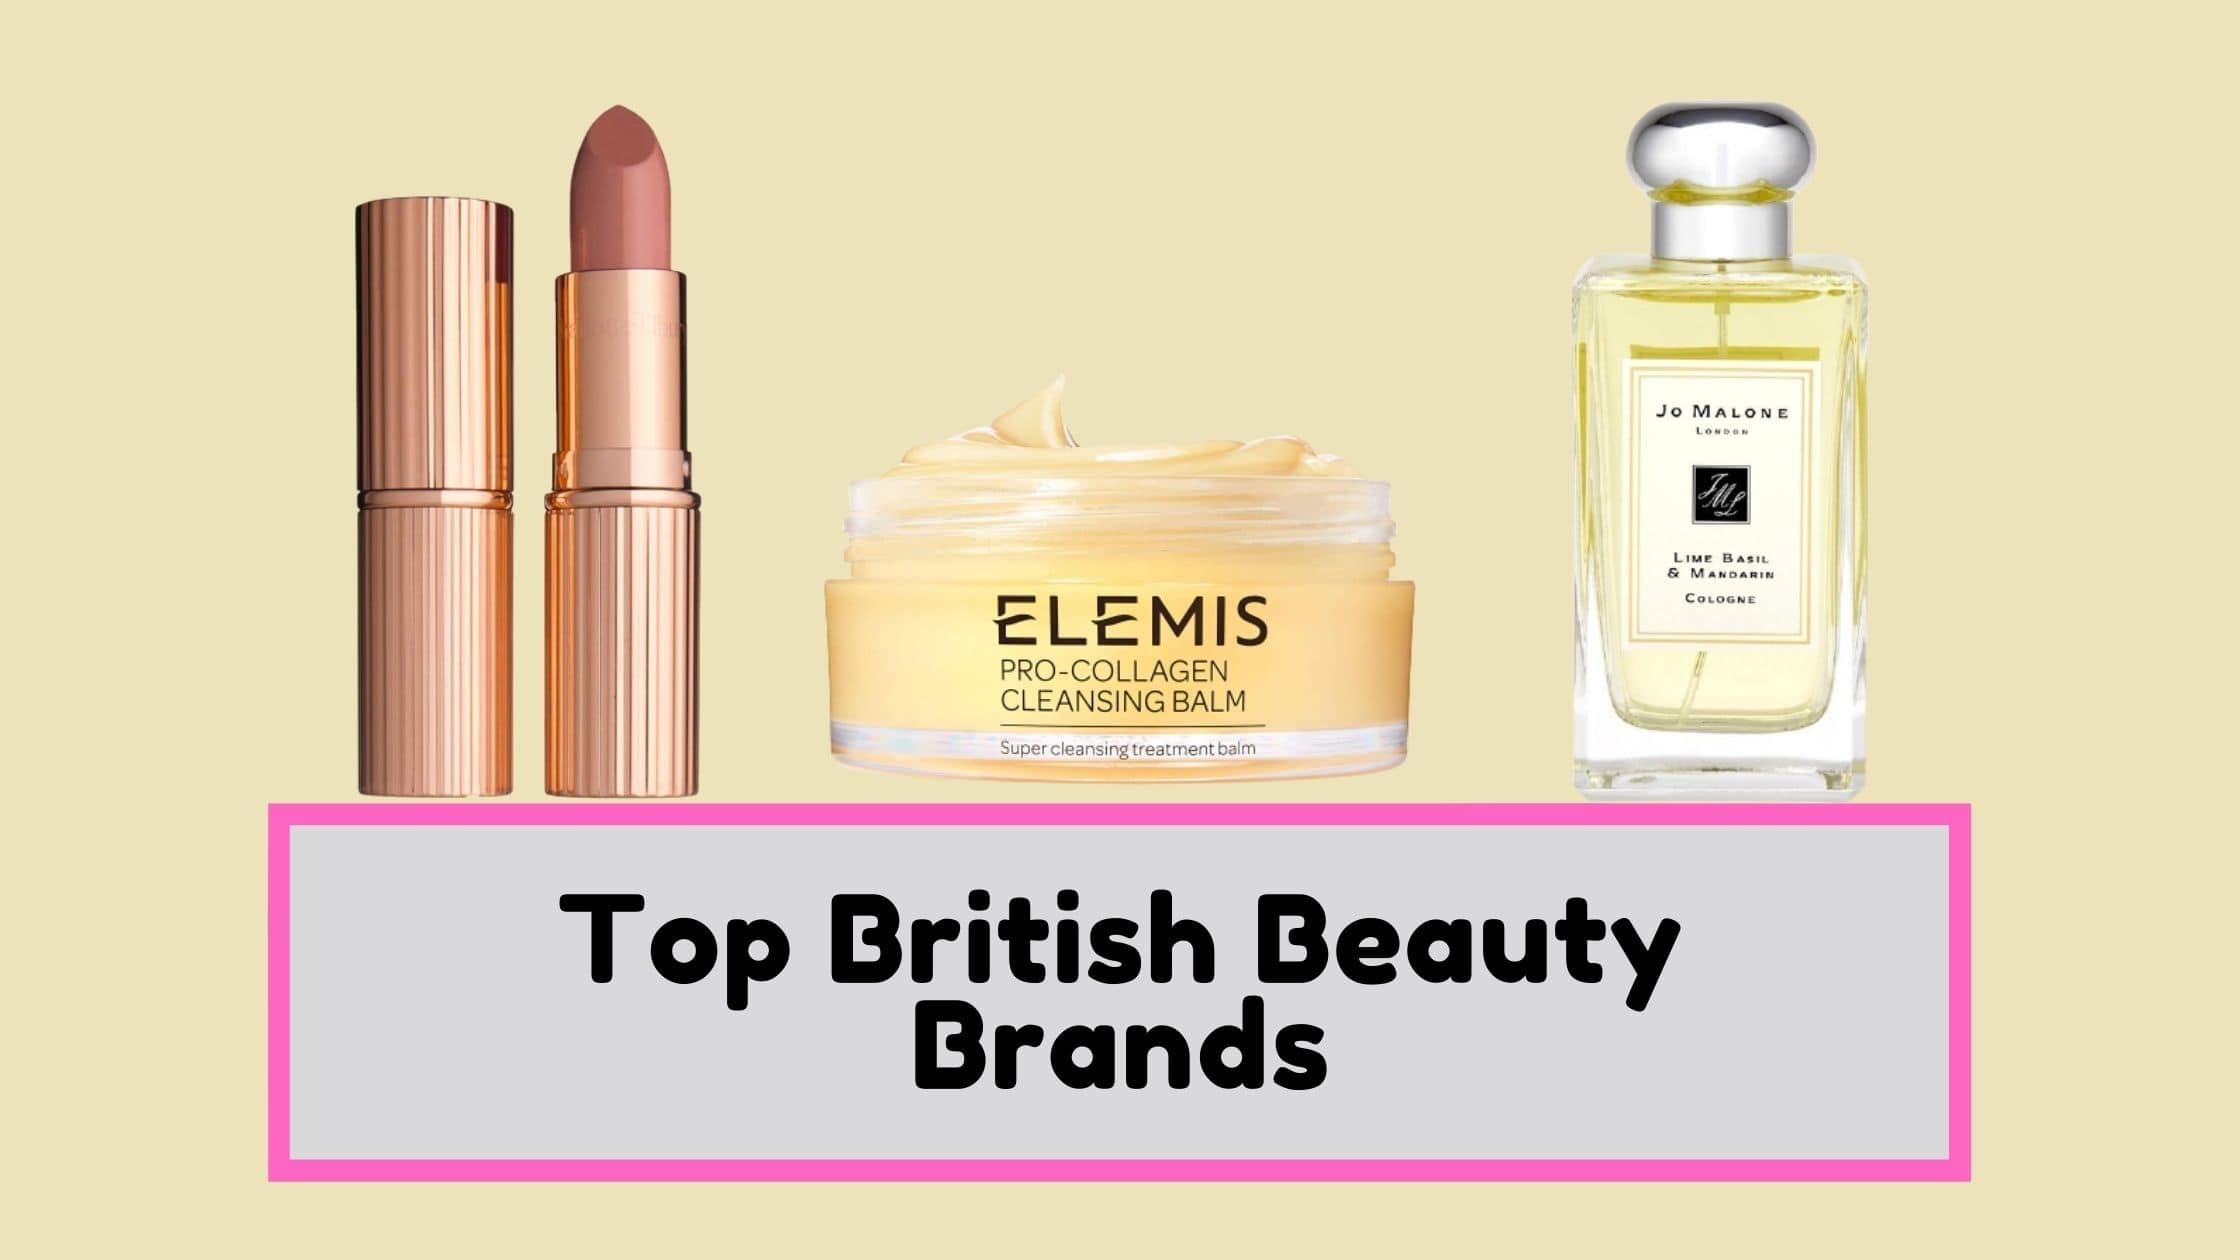 Top British Beauty Brands